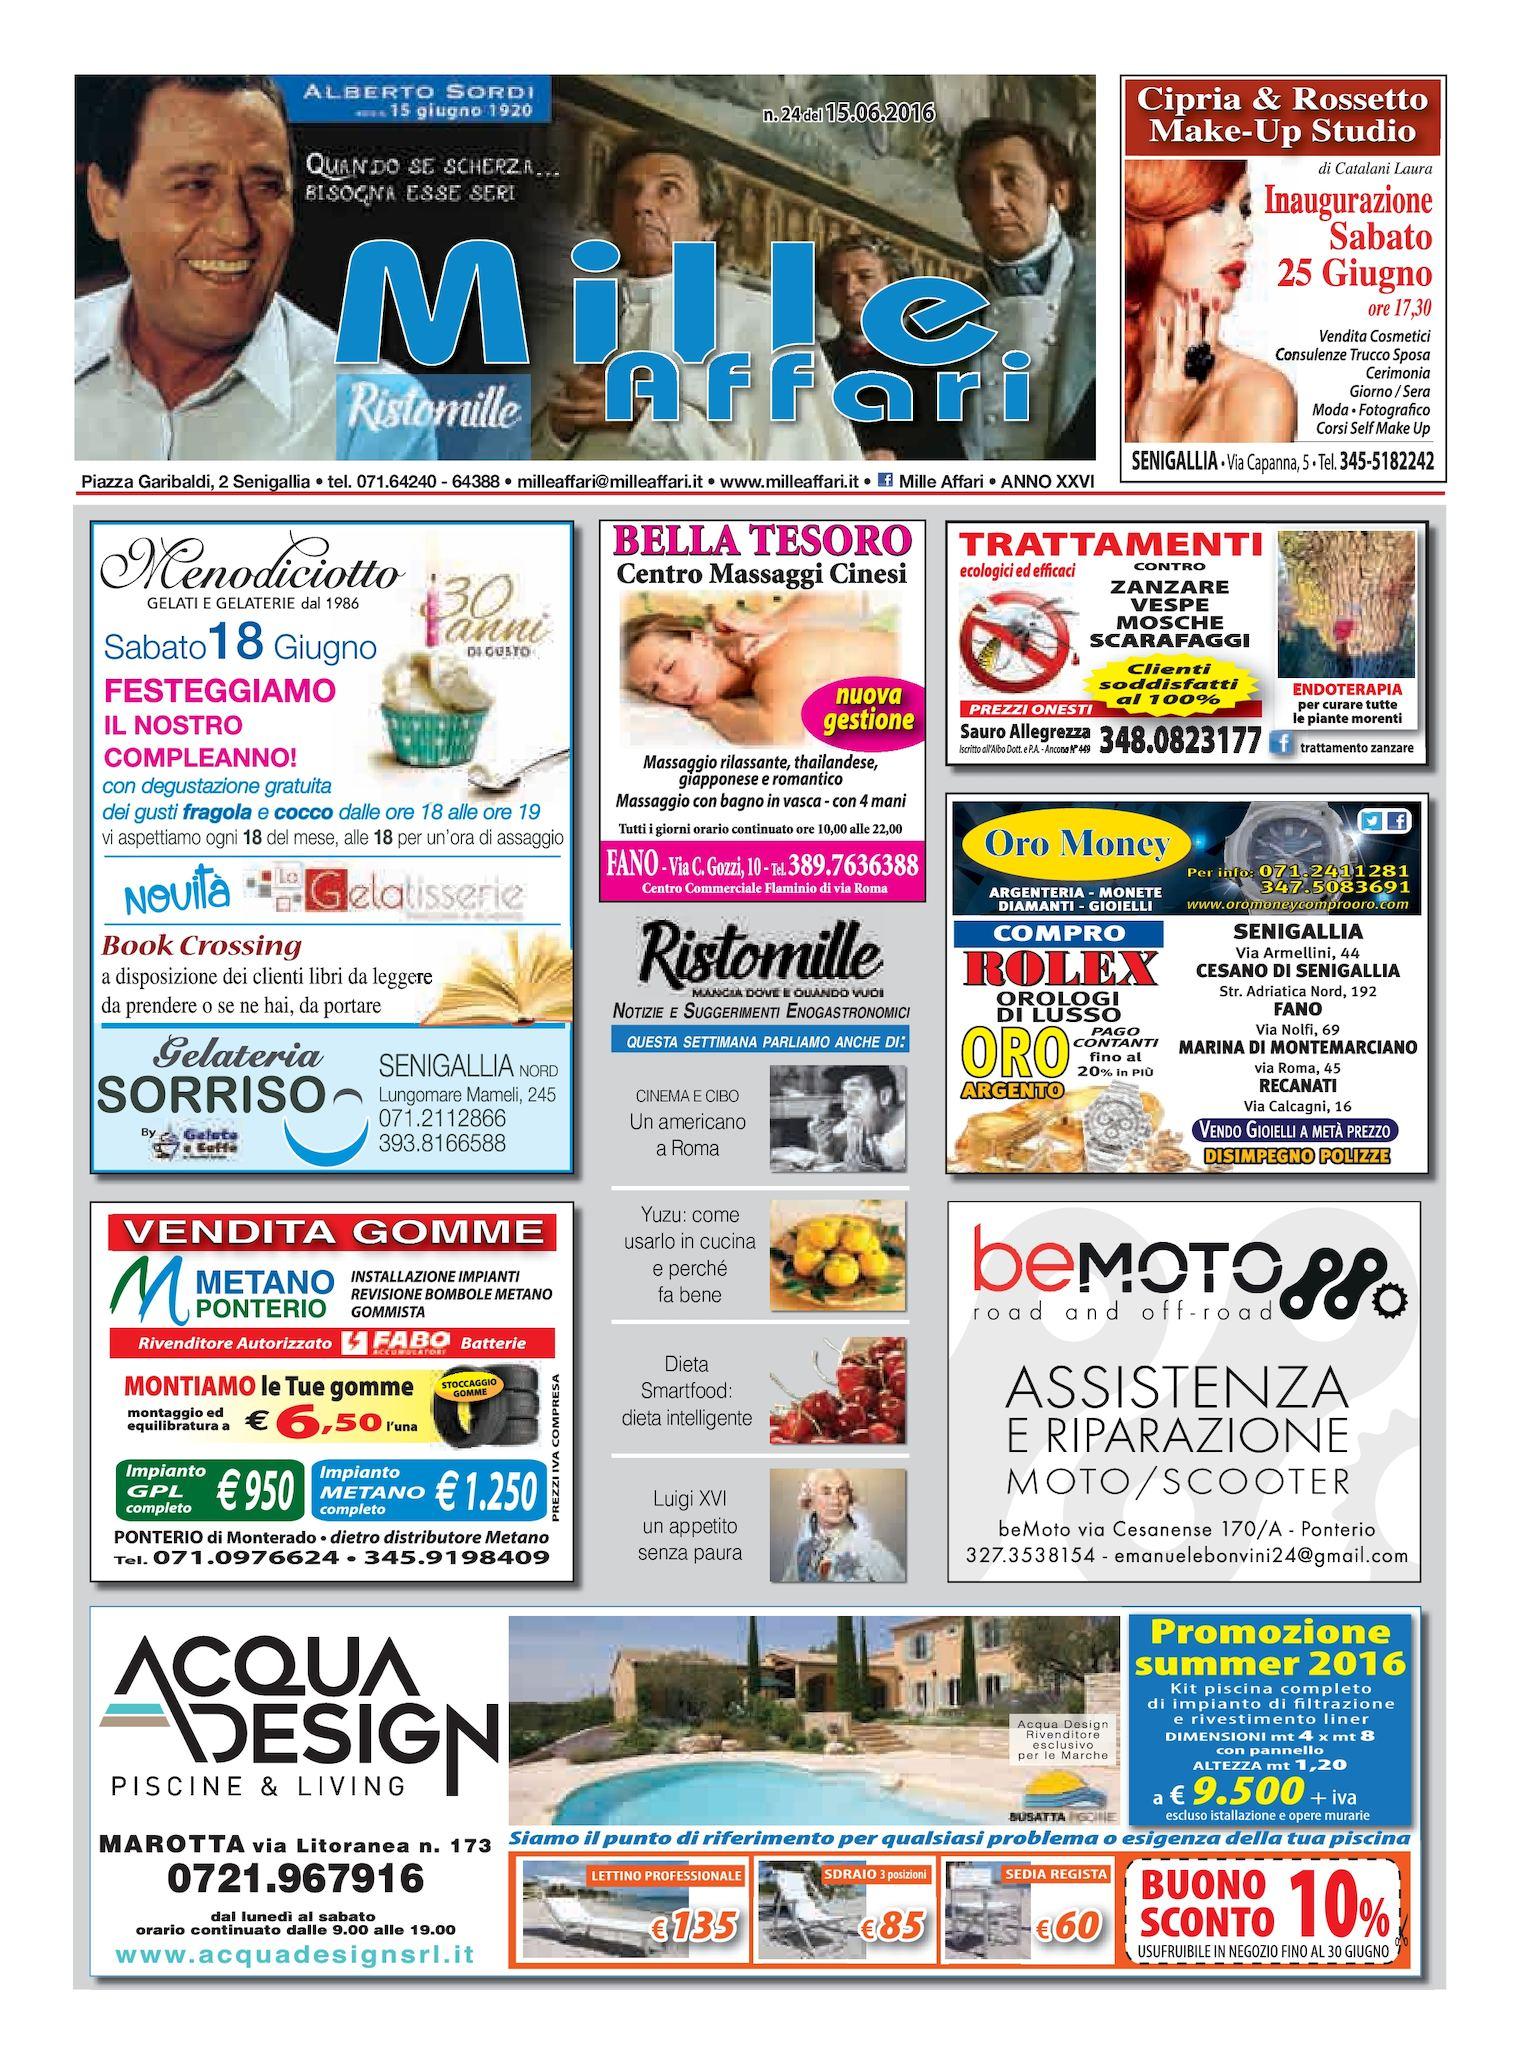 GIOCATTOLI virtuale la zona scura RIOTER Felpa Con Cappuccio Pullover Maglione allentato SCALA 1//6th